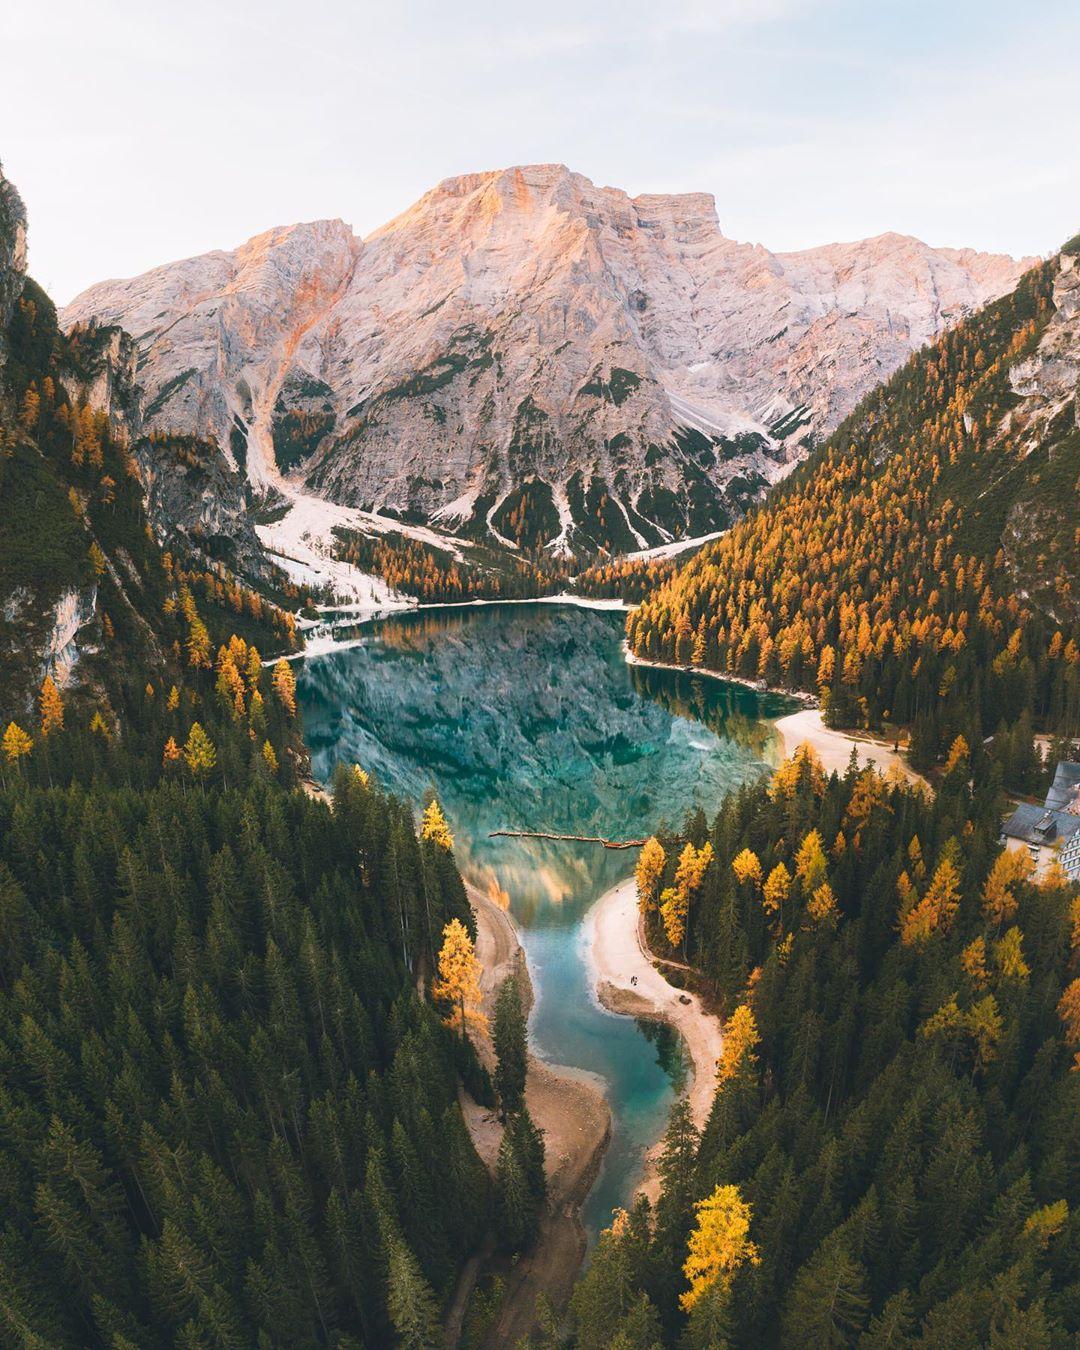 Природа и путешествия на снимках Элизабетты Фокс